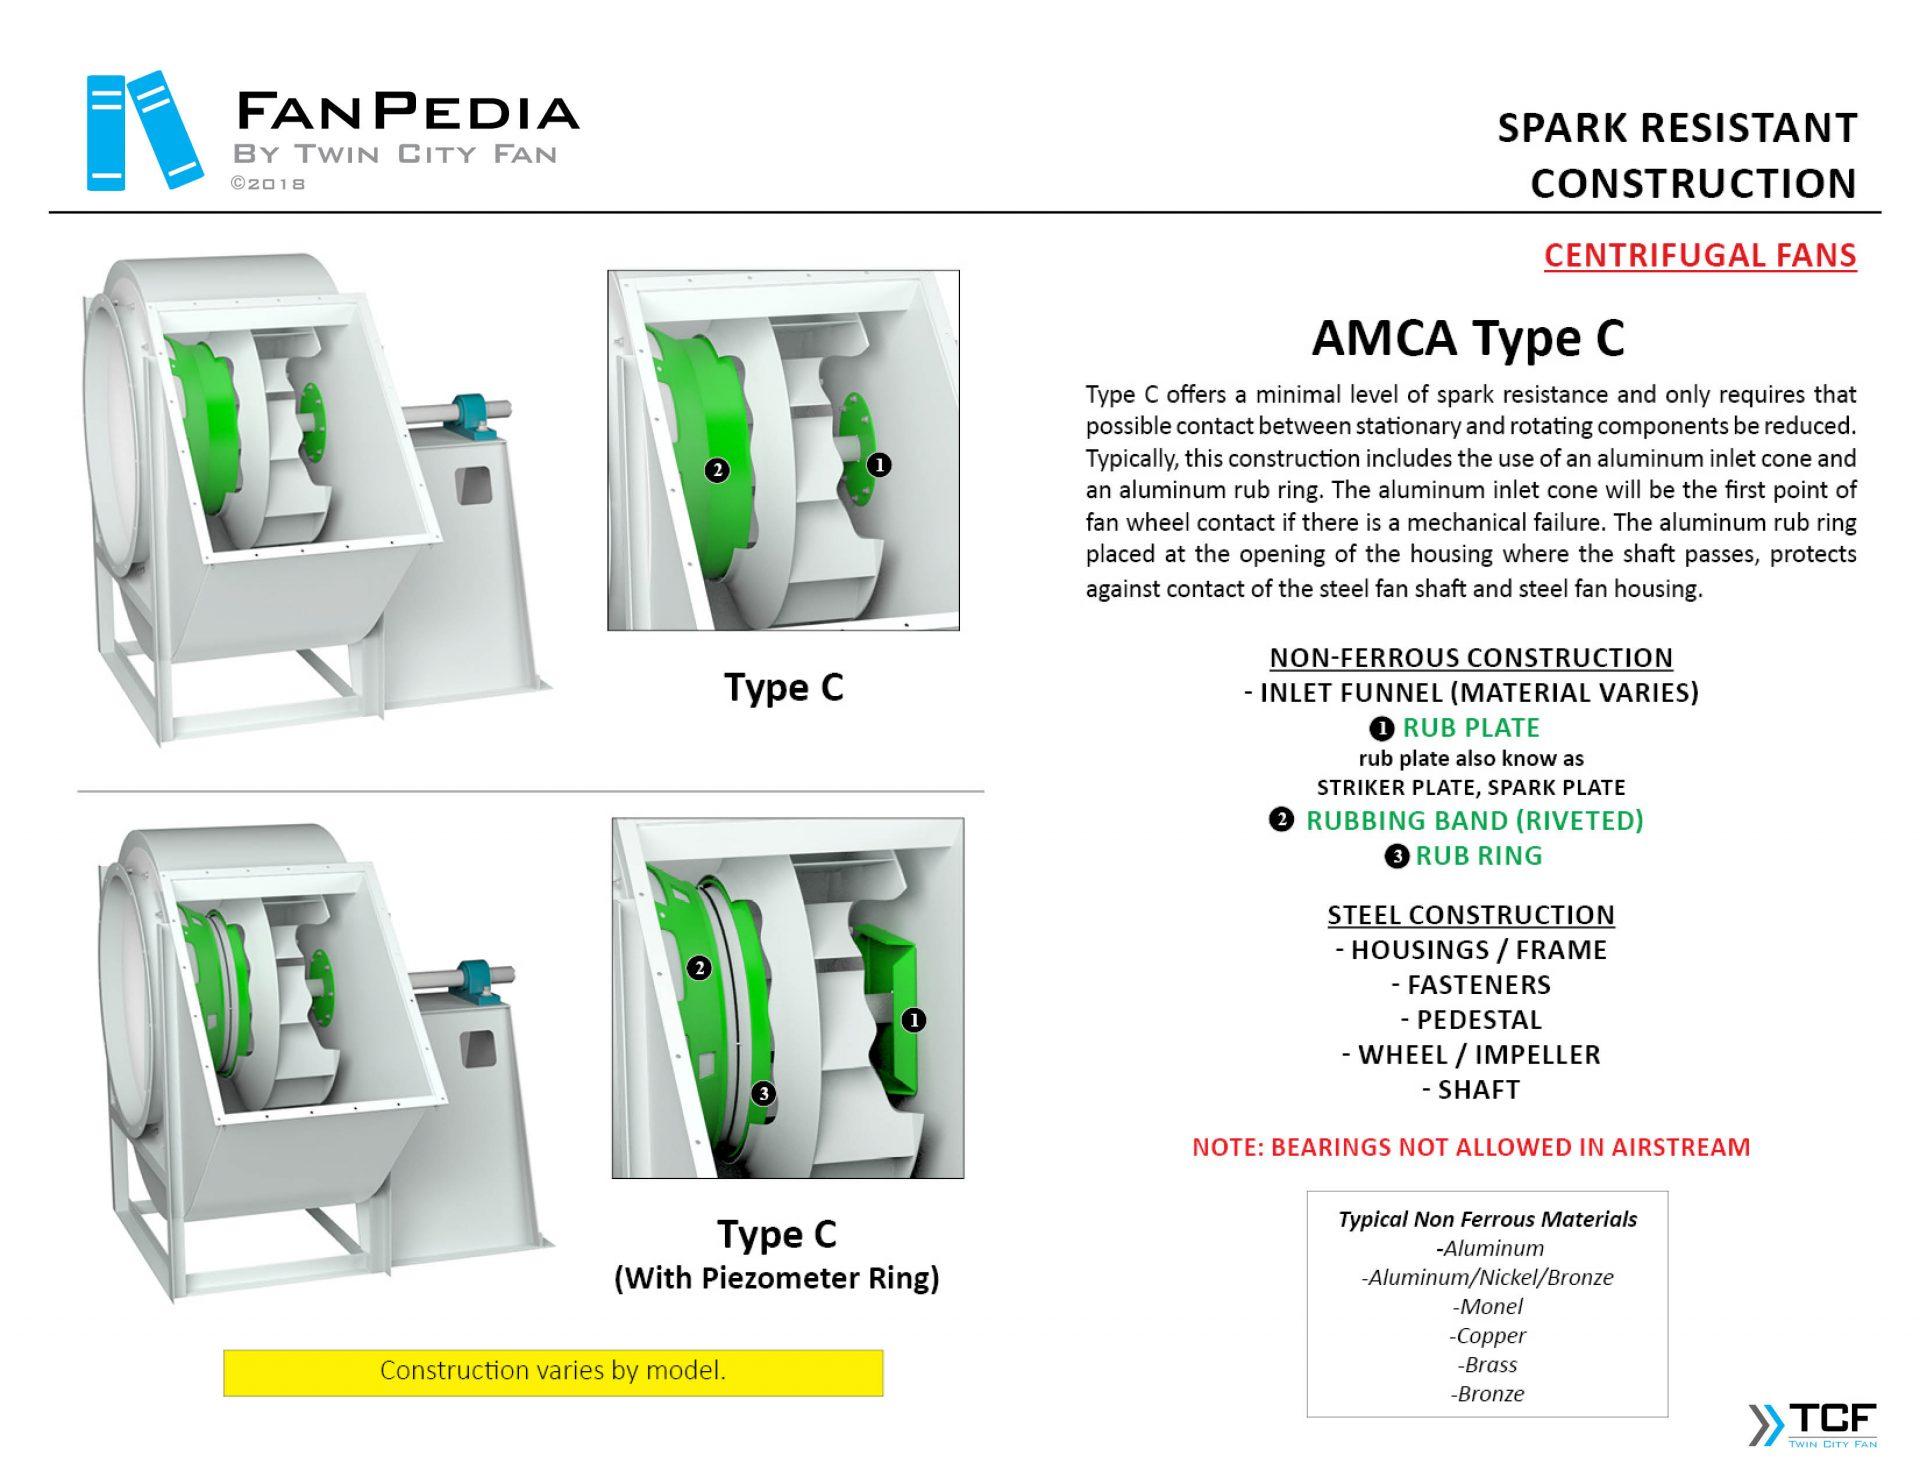 Fan Construction - Spark Resistant2